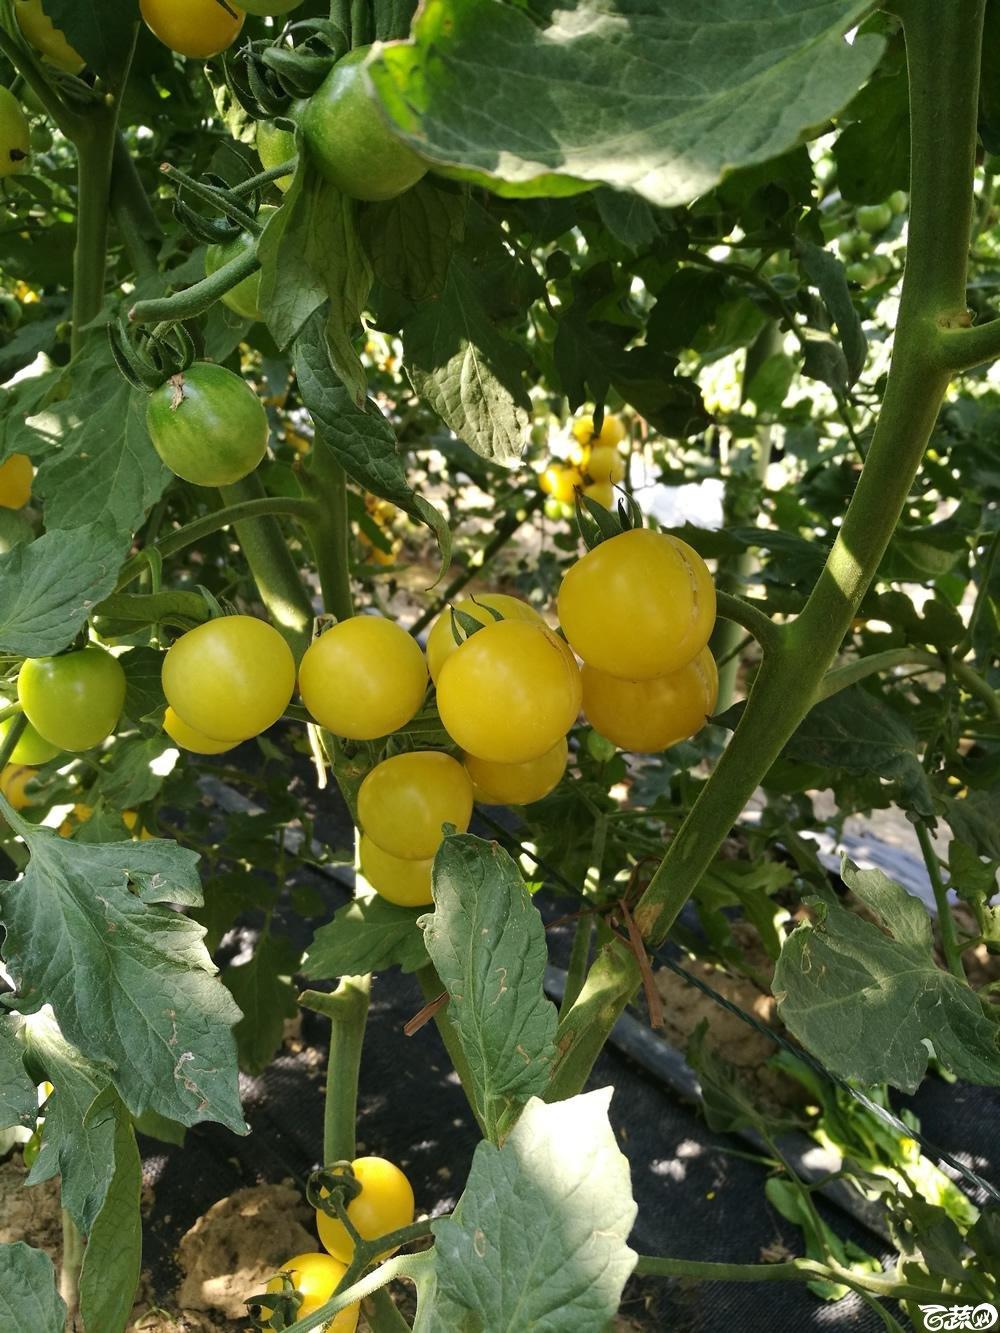 第十二届广州蔬菜展示会专家重点推荐品种,广州市农科院黄樱一号_005.jpg